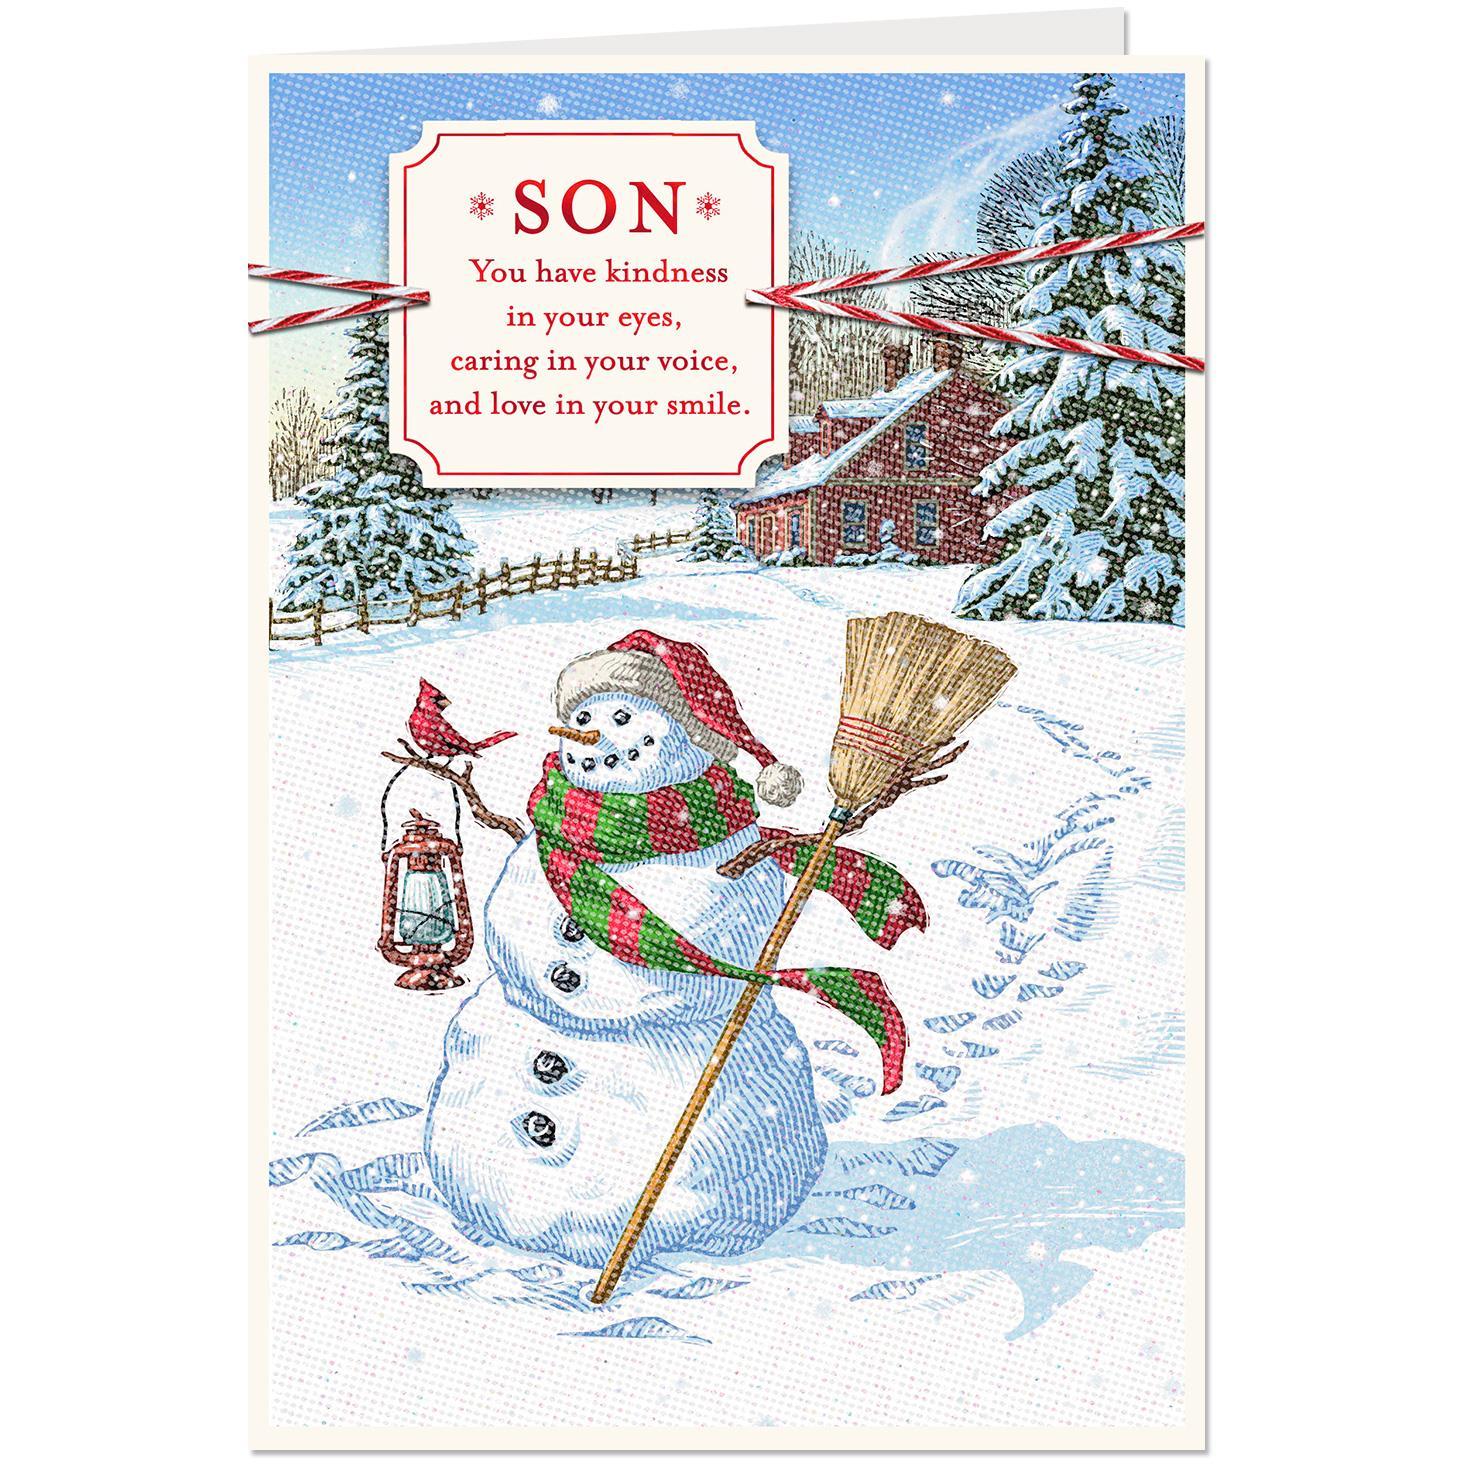 Snowman Christmas Card for Son - Greeting Cards - Hallmark